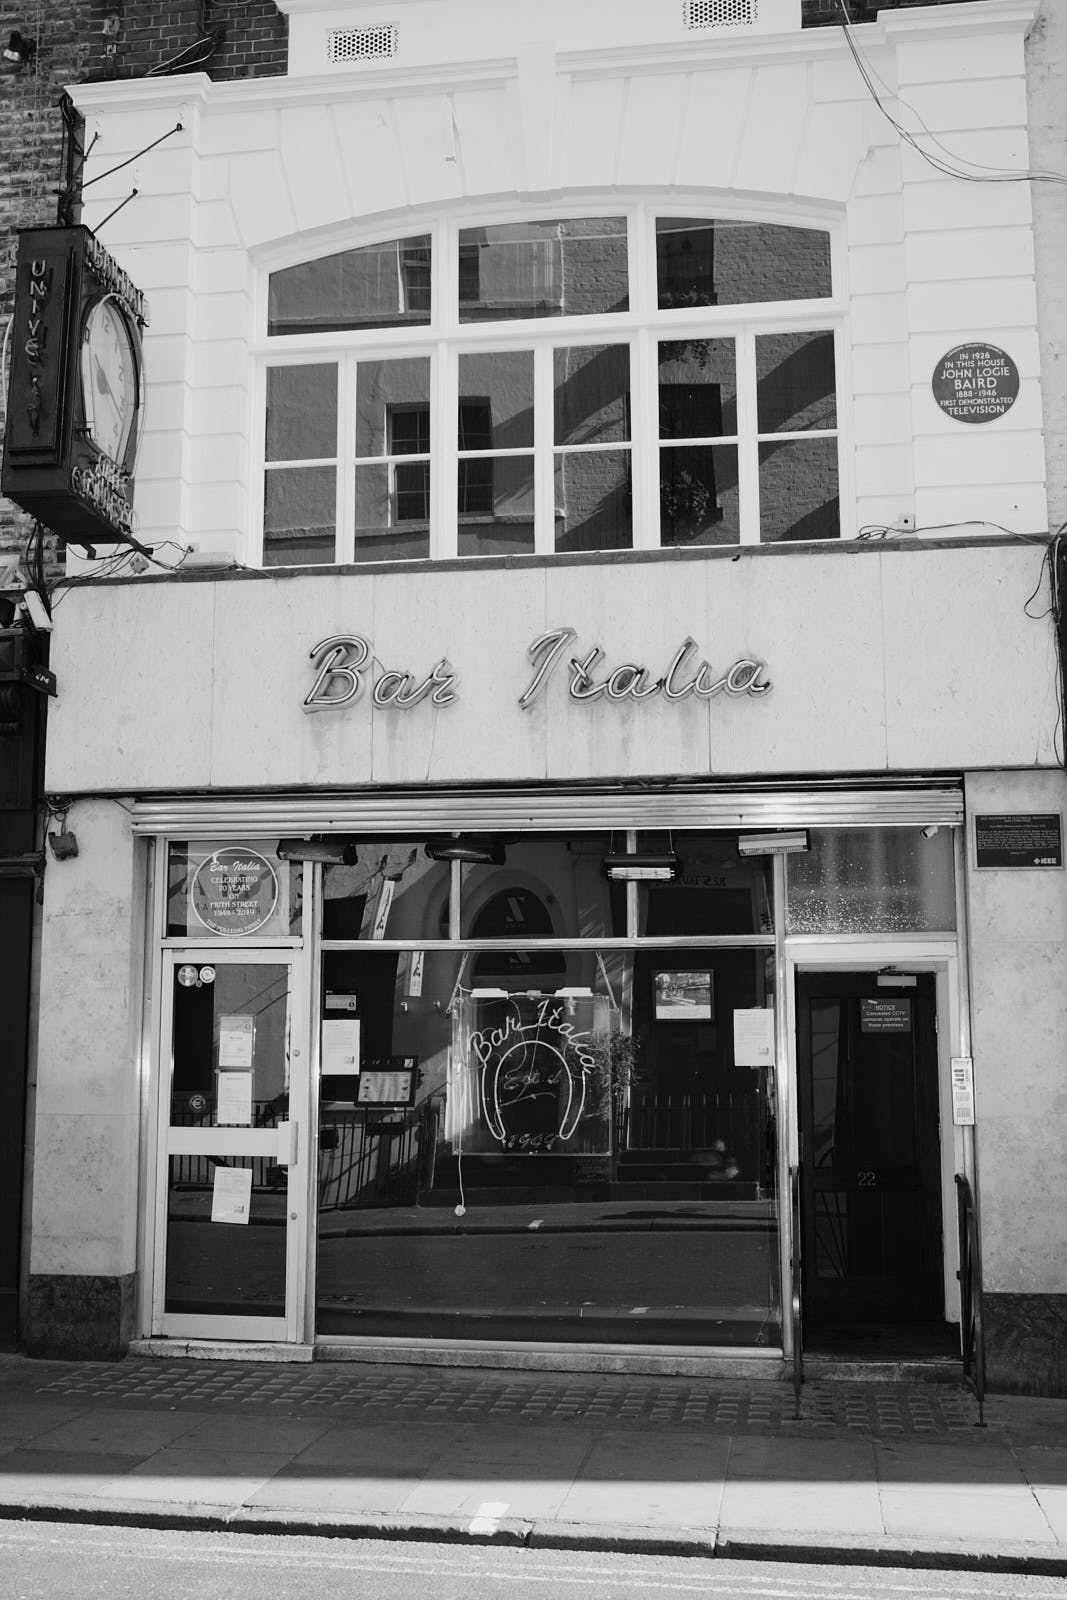 The front of Bar Italia in Soho